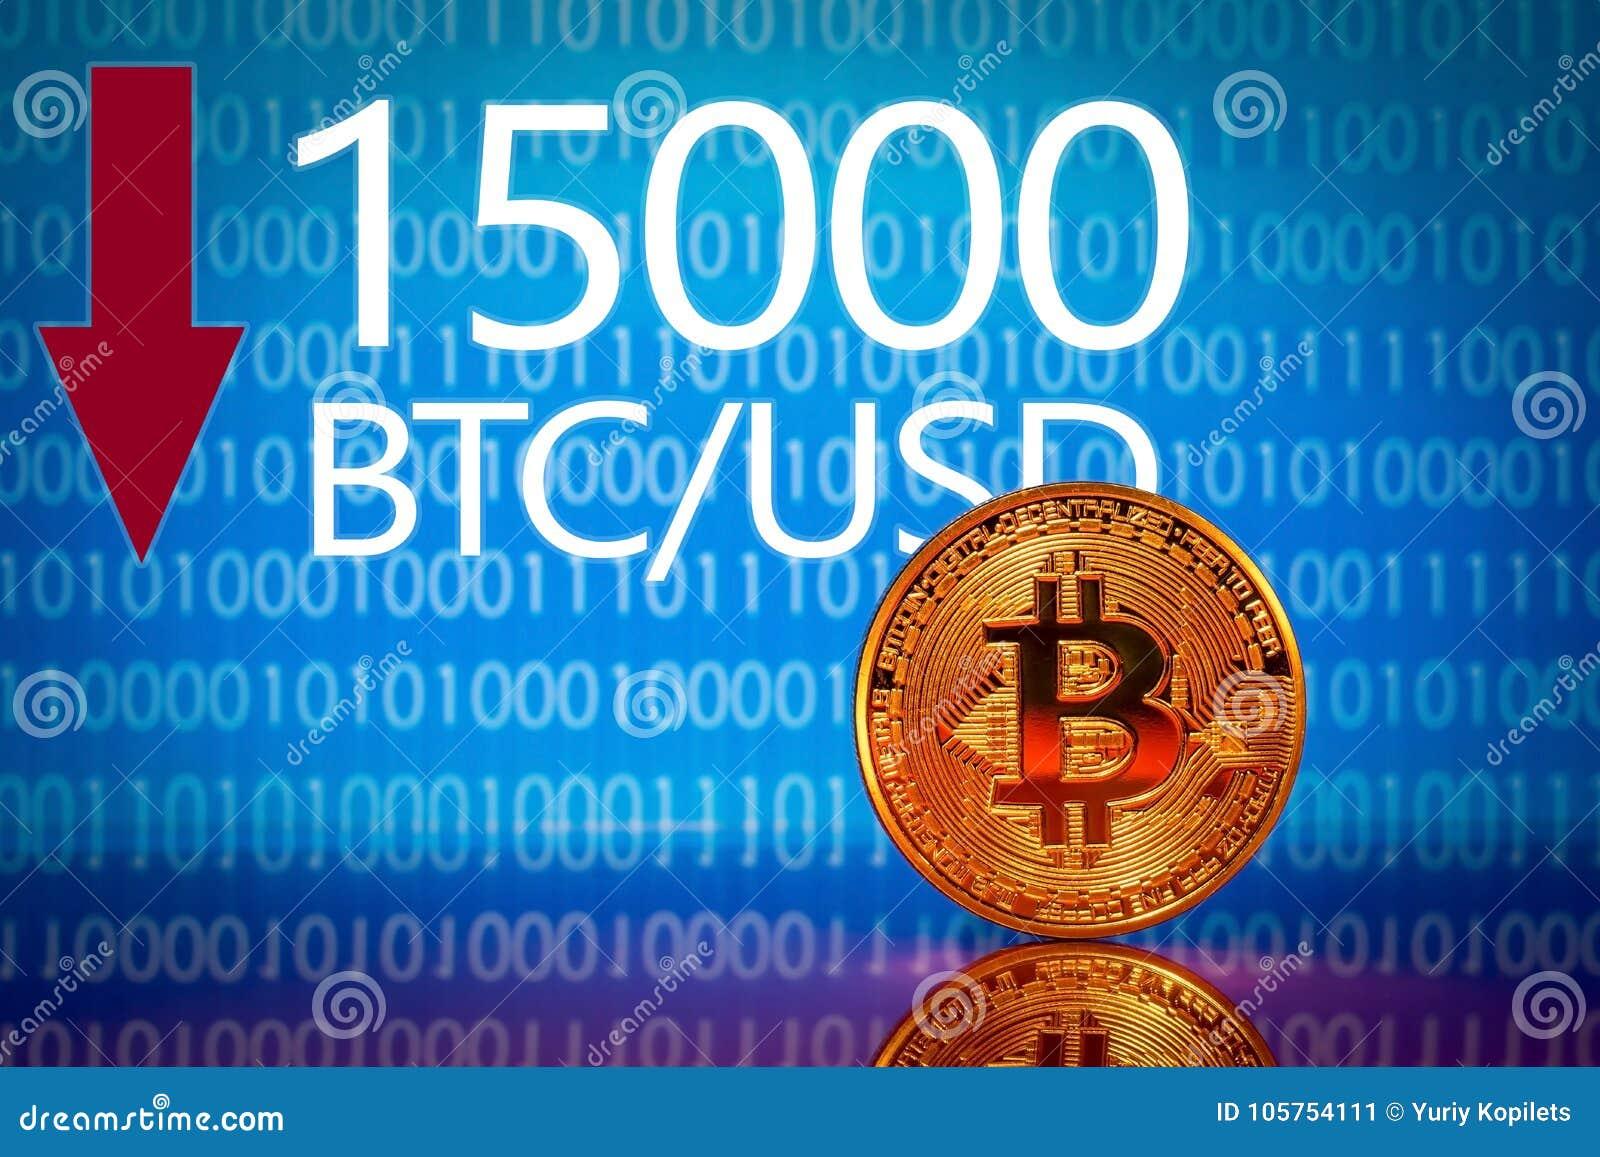 15000 btc